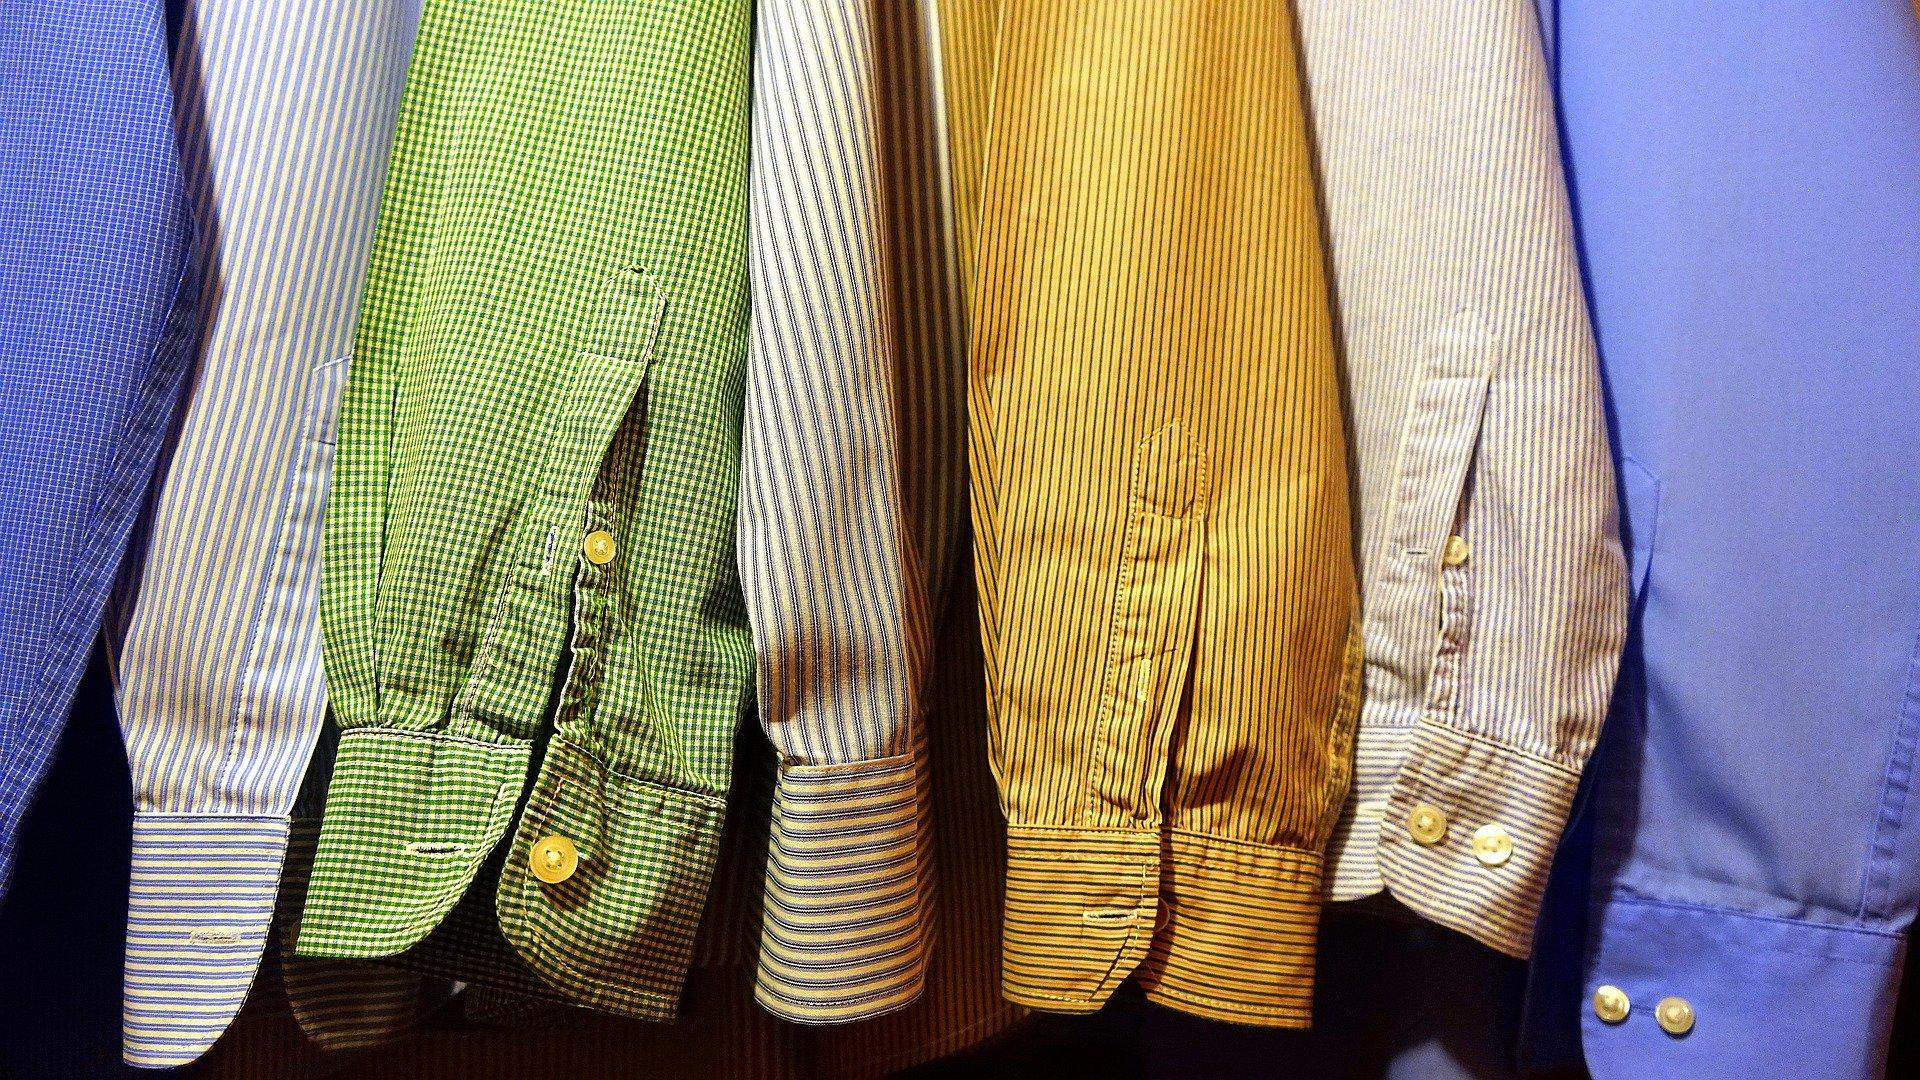 Modifier les poignets d'une chemise - Le Savoir Fer, Atelier de couture & Chantier d'insertion